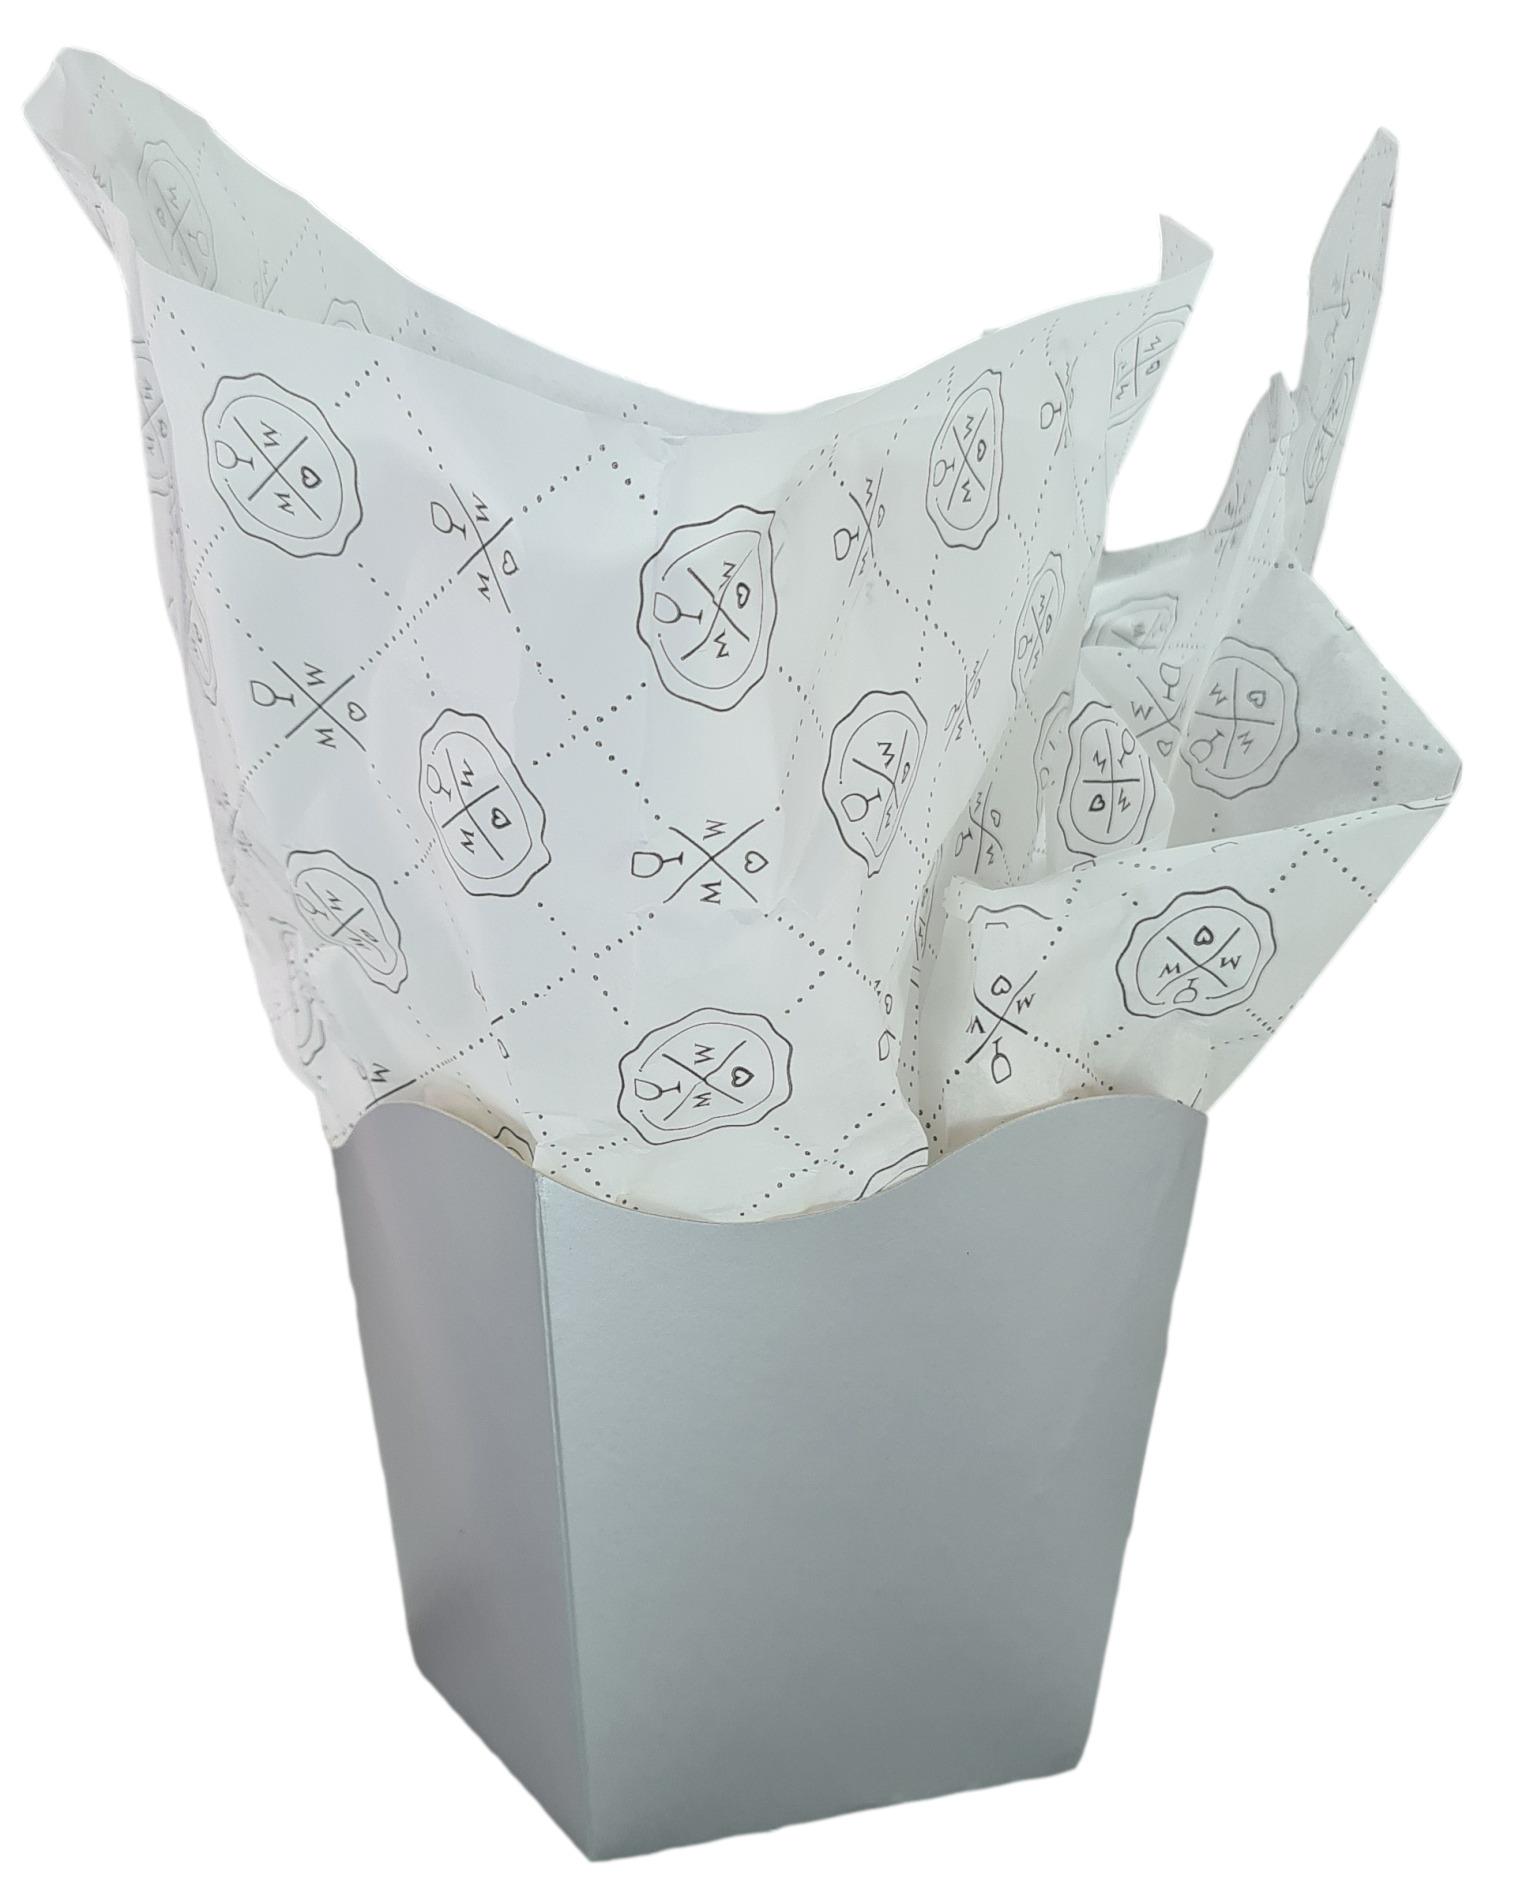 Papel de Seda Personalizado 20g/m - Tamanho 50 x 70 - Linha paper  7708  - Litex Embalagens